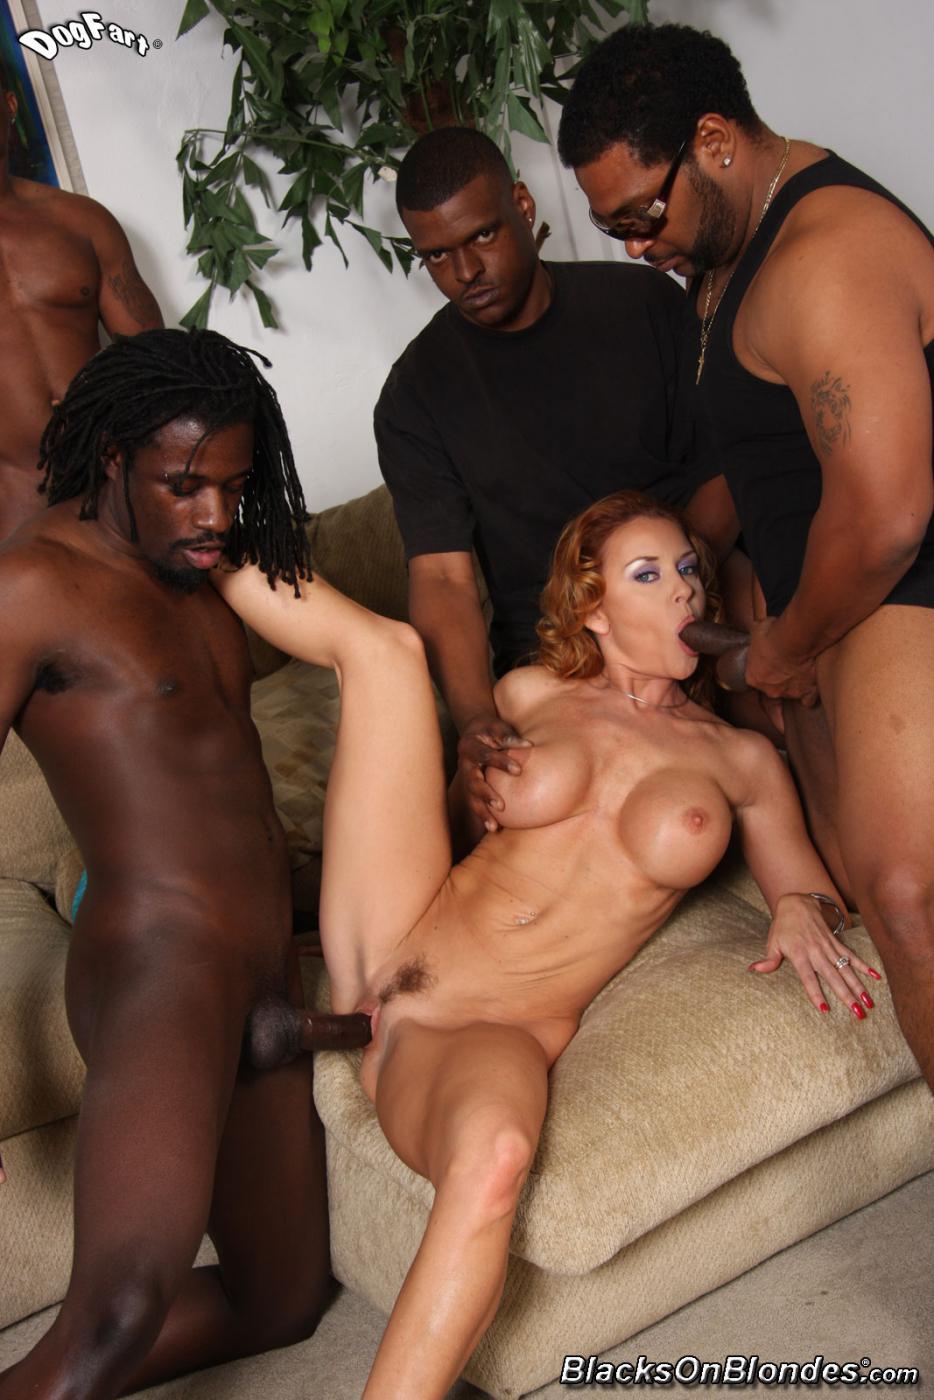 Janet Mason - соблазнительная тетка, забавляется с пареньками в межрассовой групповухи